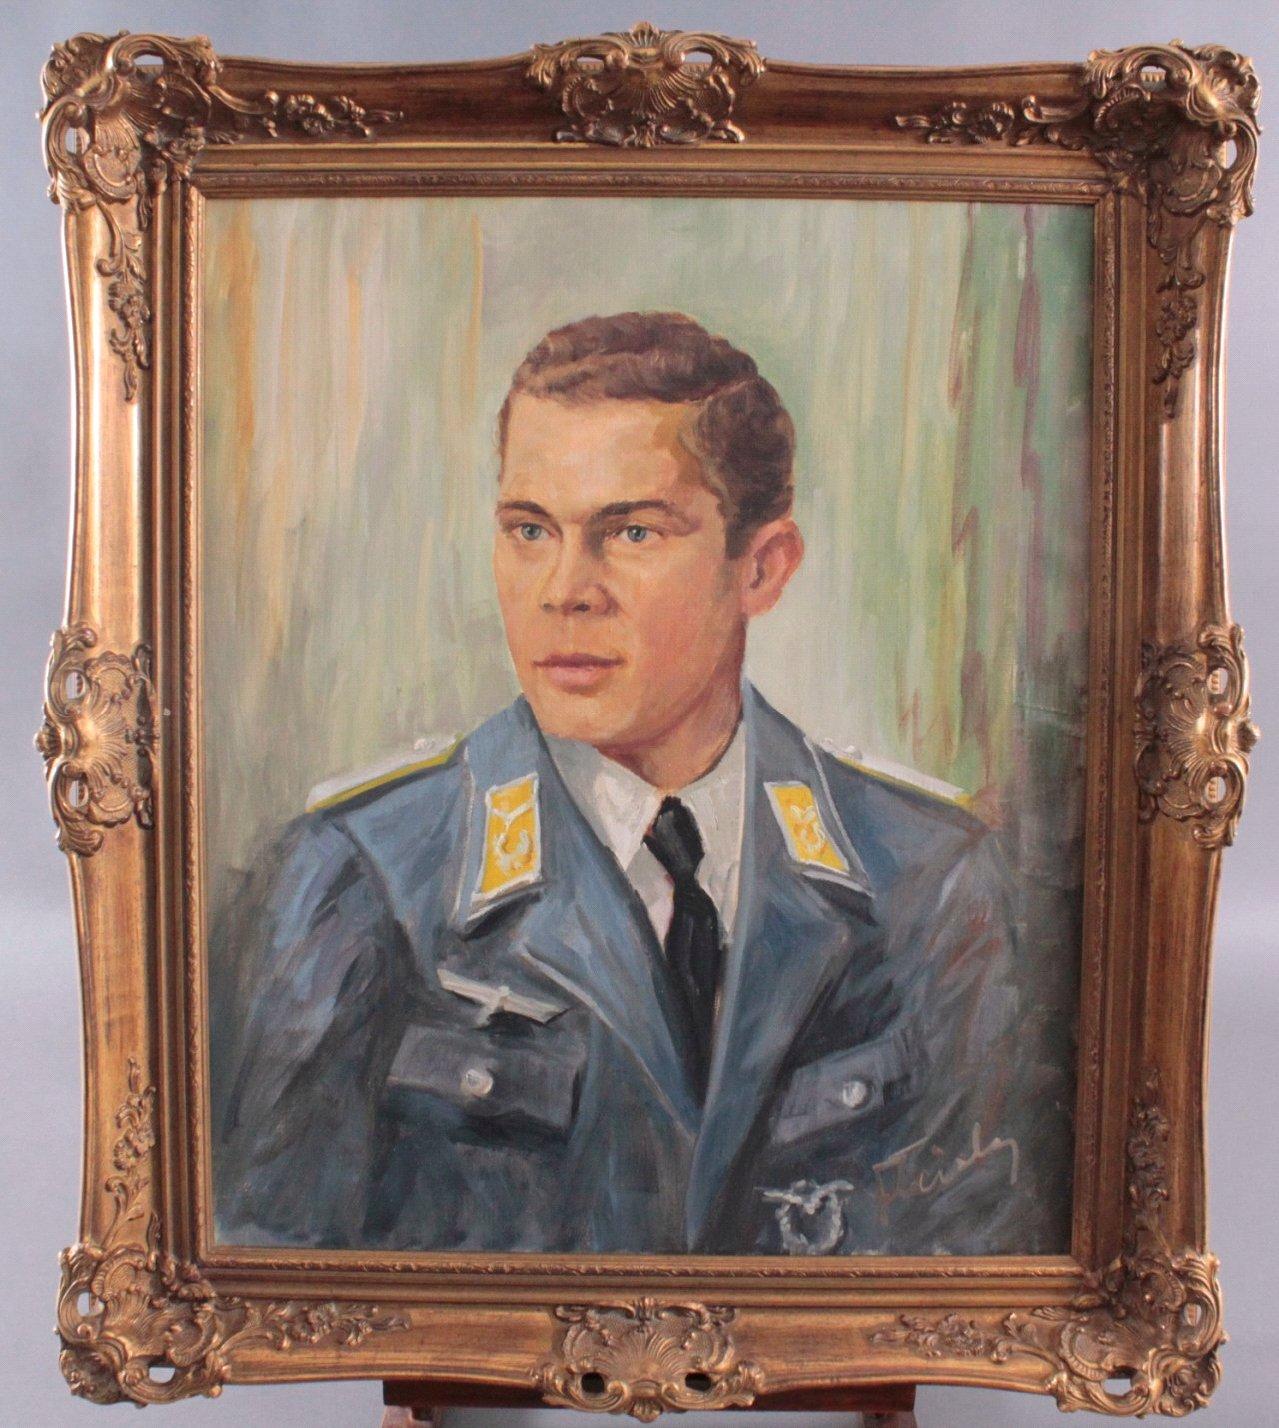 Ölgemälde, Brustbildnis eines Soldaten